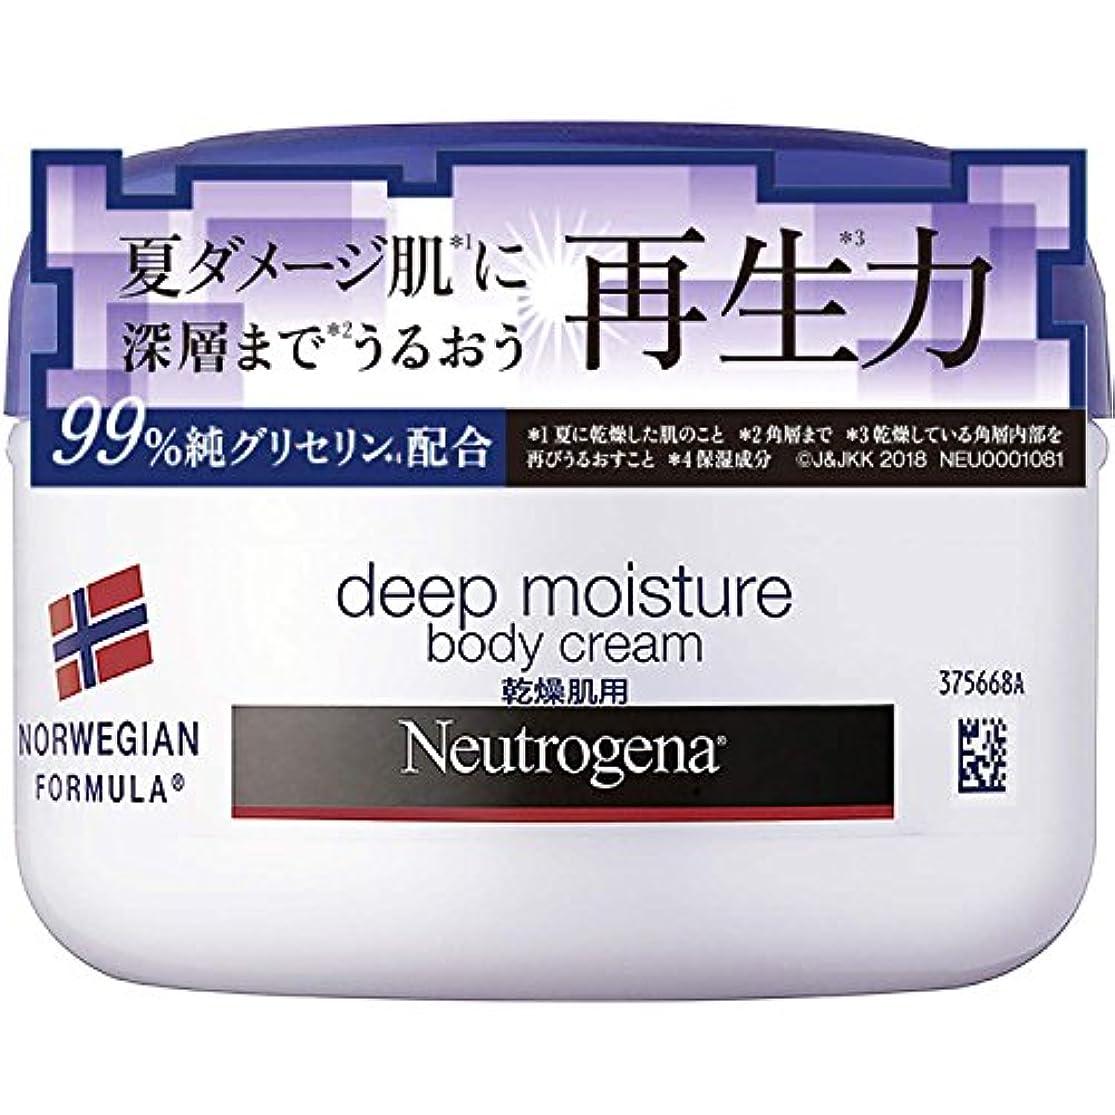 分数平衡アプトNeutrogena(ニュートロジーナ) ノルウェーフォーミュラ ディープモイスチャー ボディクリーム 乾燥肌用 微香性 200ml